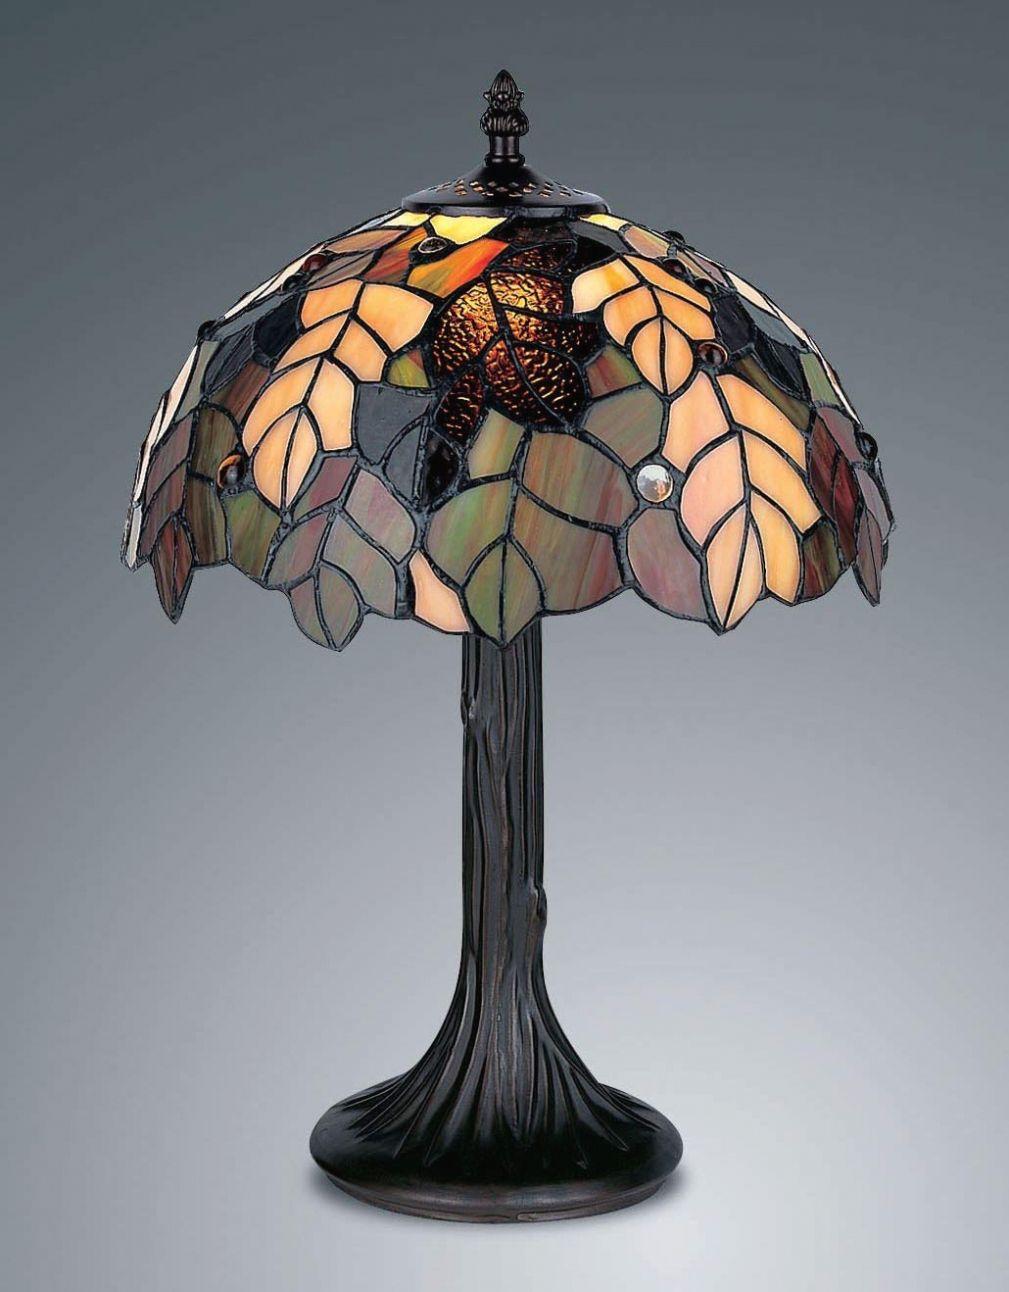 ecb6519f9a570d Tiffany Stil Tisch Lampe - Tiffany-Stil-Tischleuchte – Haben Sie schon  einmal verirrt